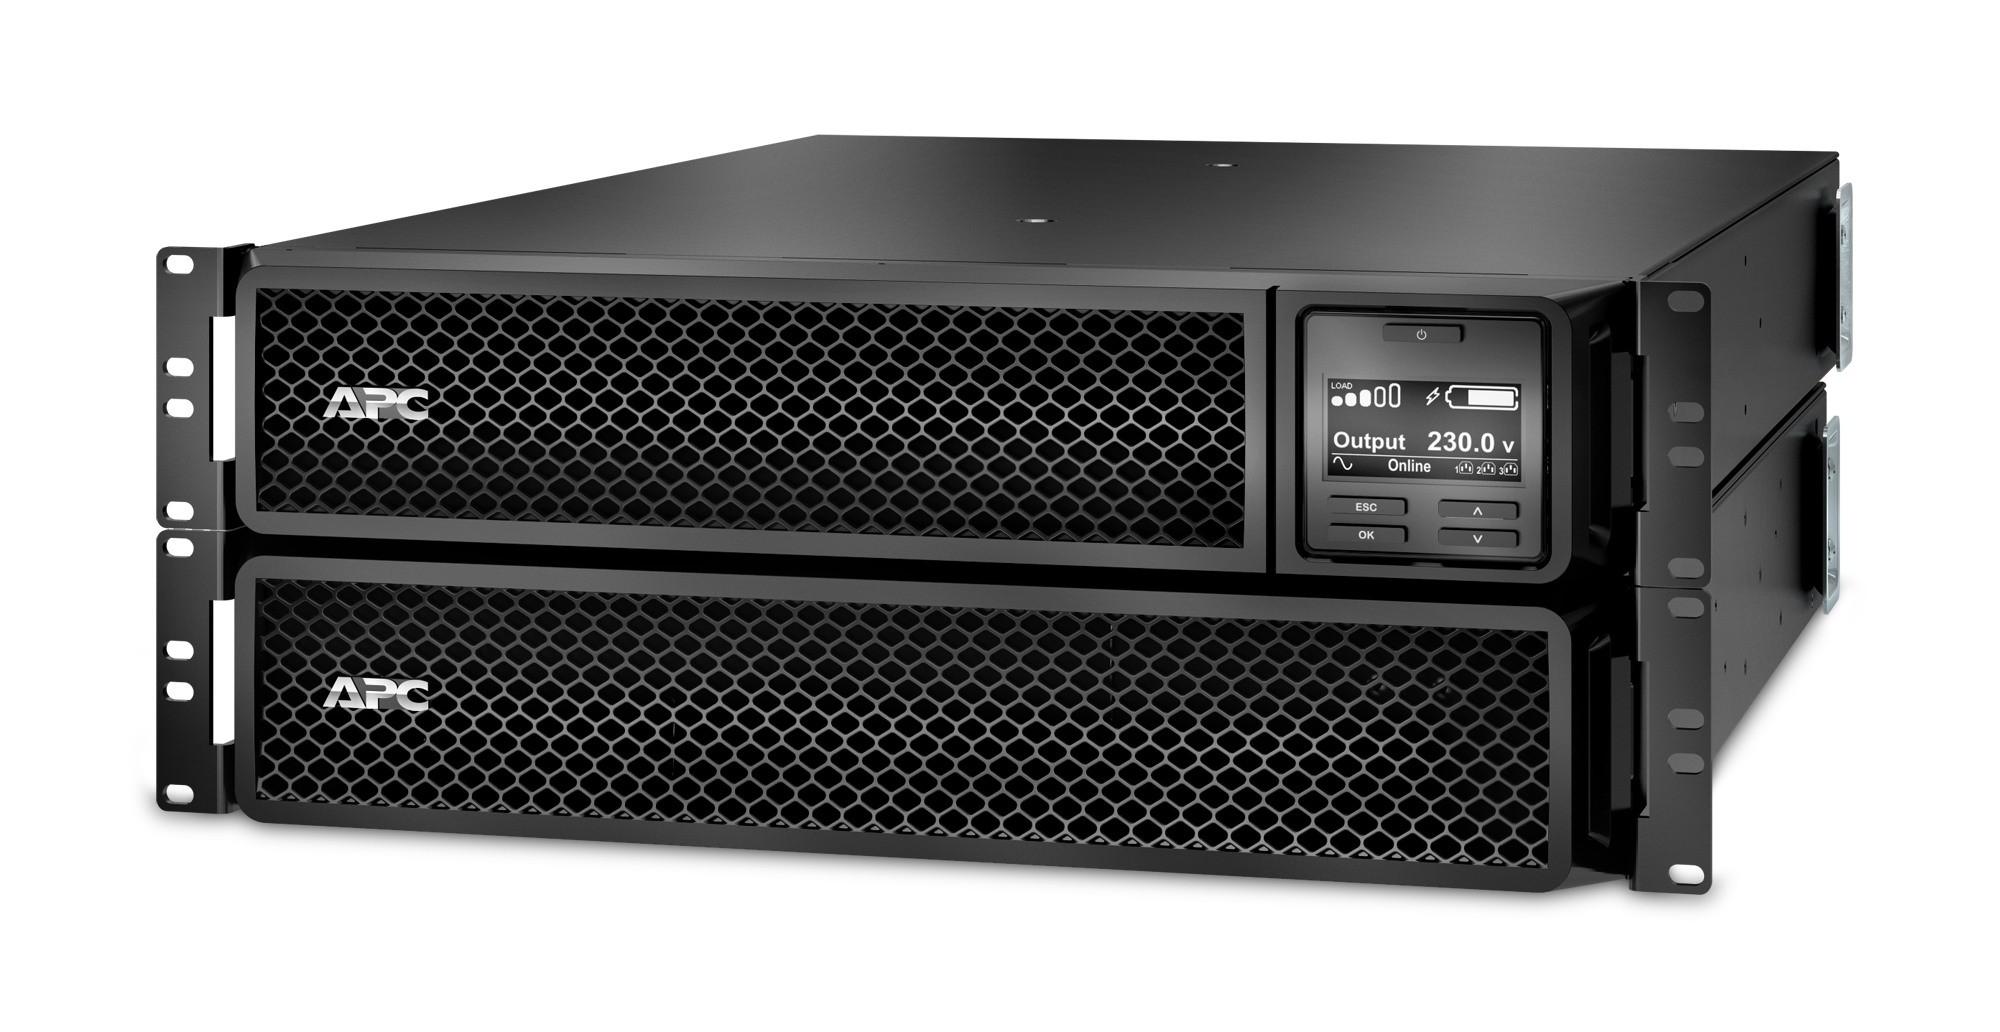 Image 1 of Apc Smart-Ups (Srt) 3000Va (Srt3000Rmxli) + Bonus Lacie 1Tb Usb 3.0 Portable Drive Srt3000Rmxli-Lac